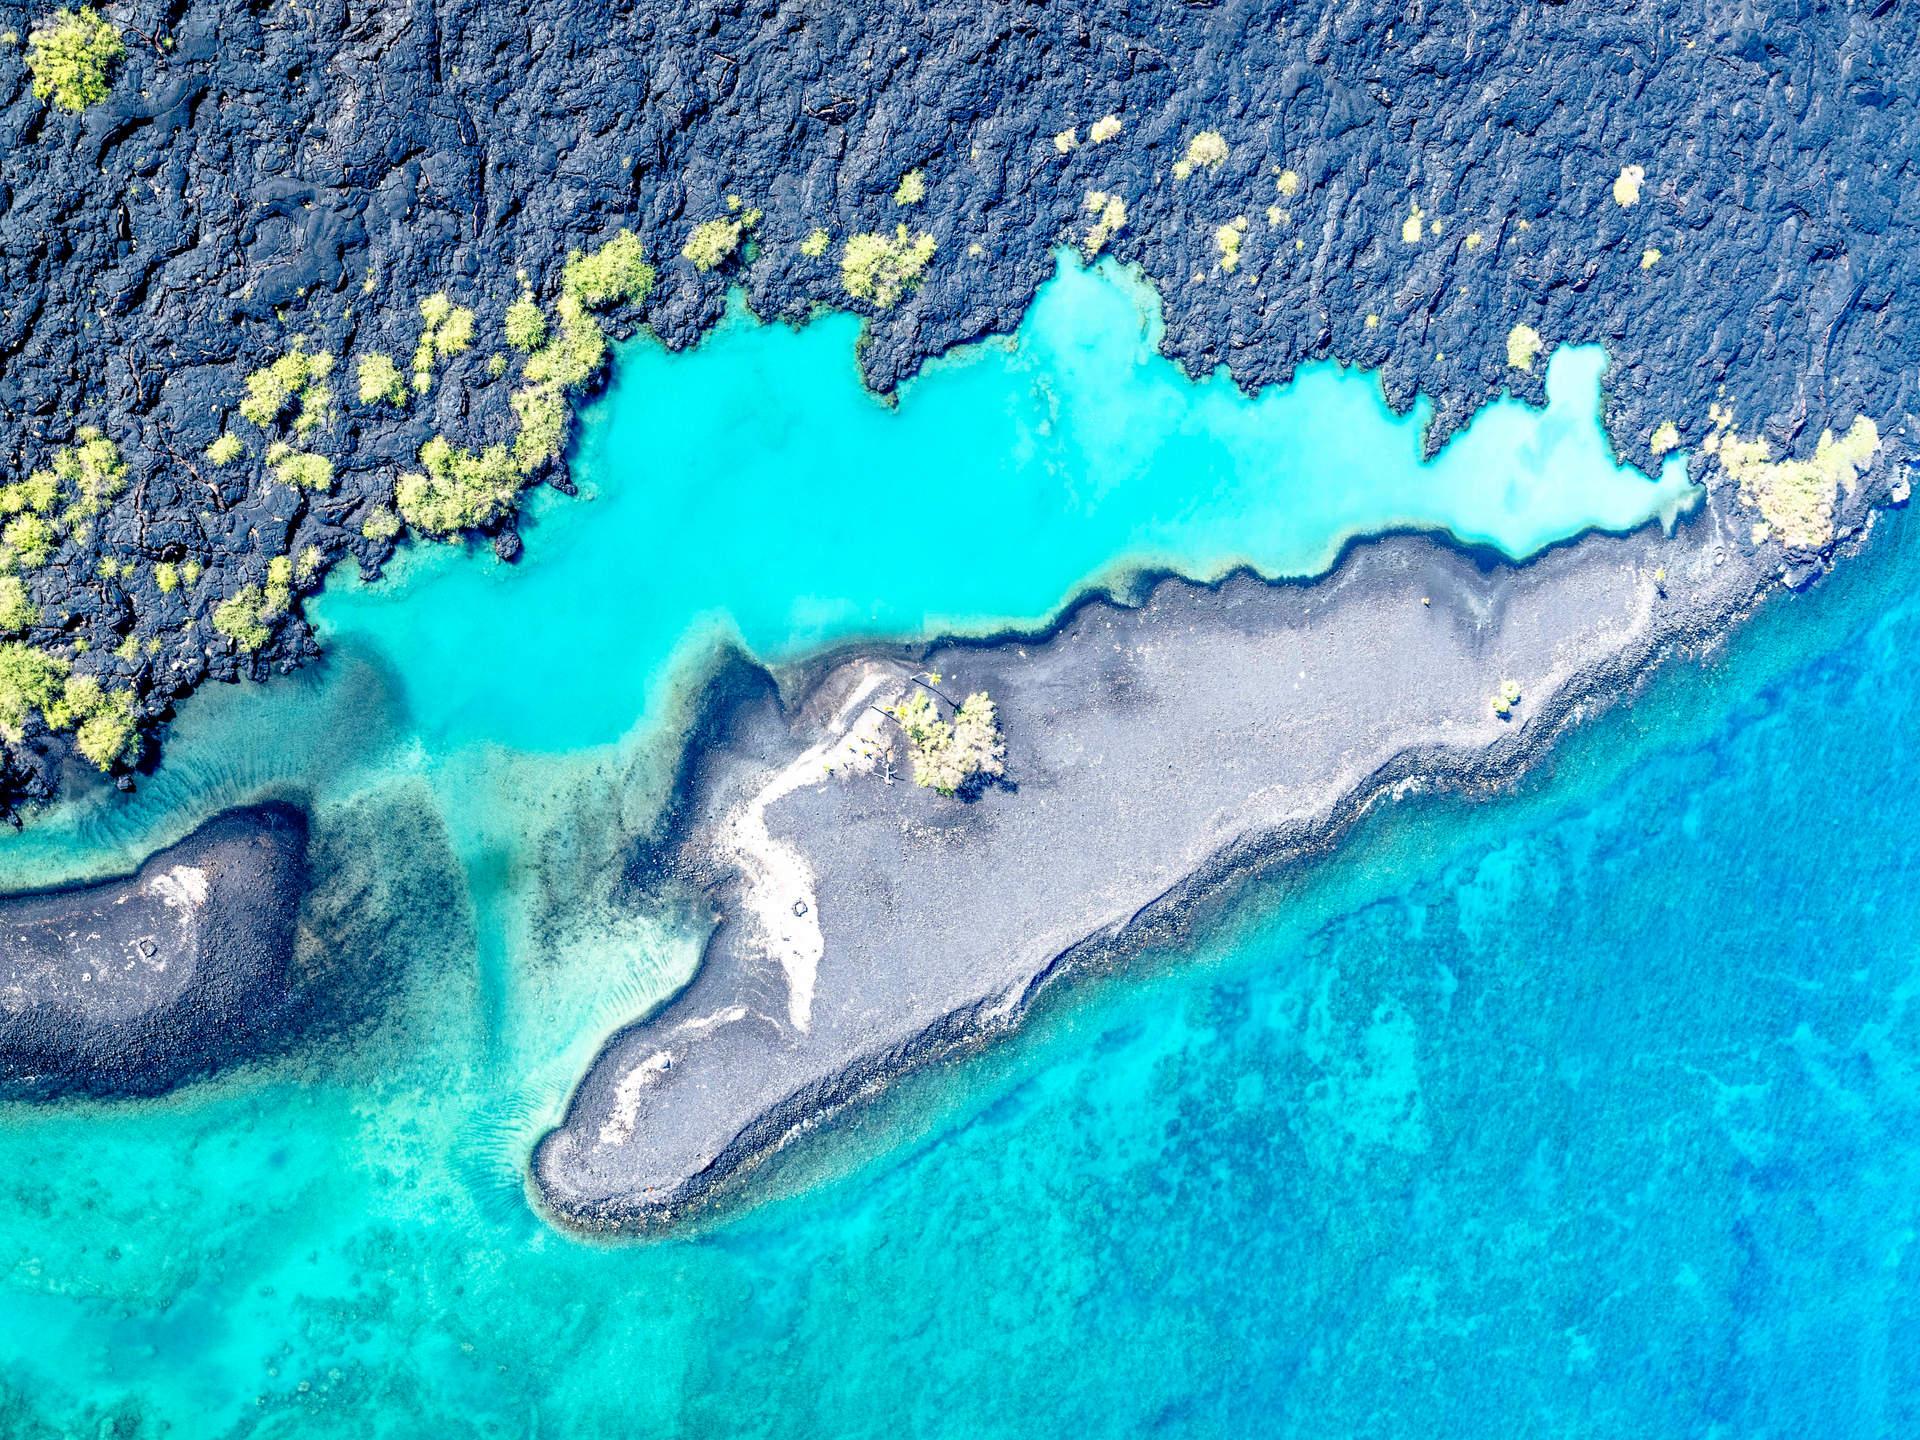 'Lagoon', Kona, Hawaii